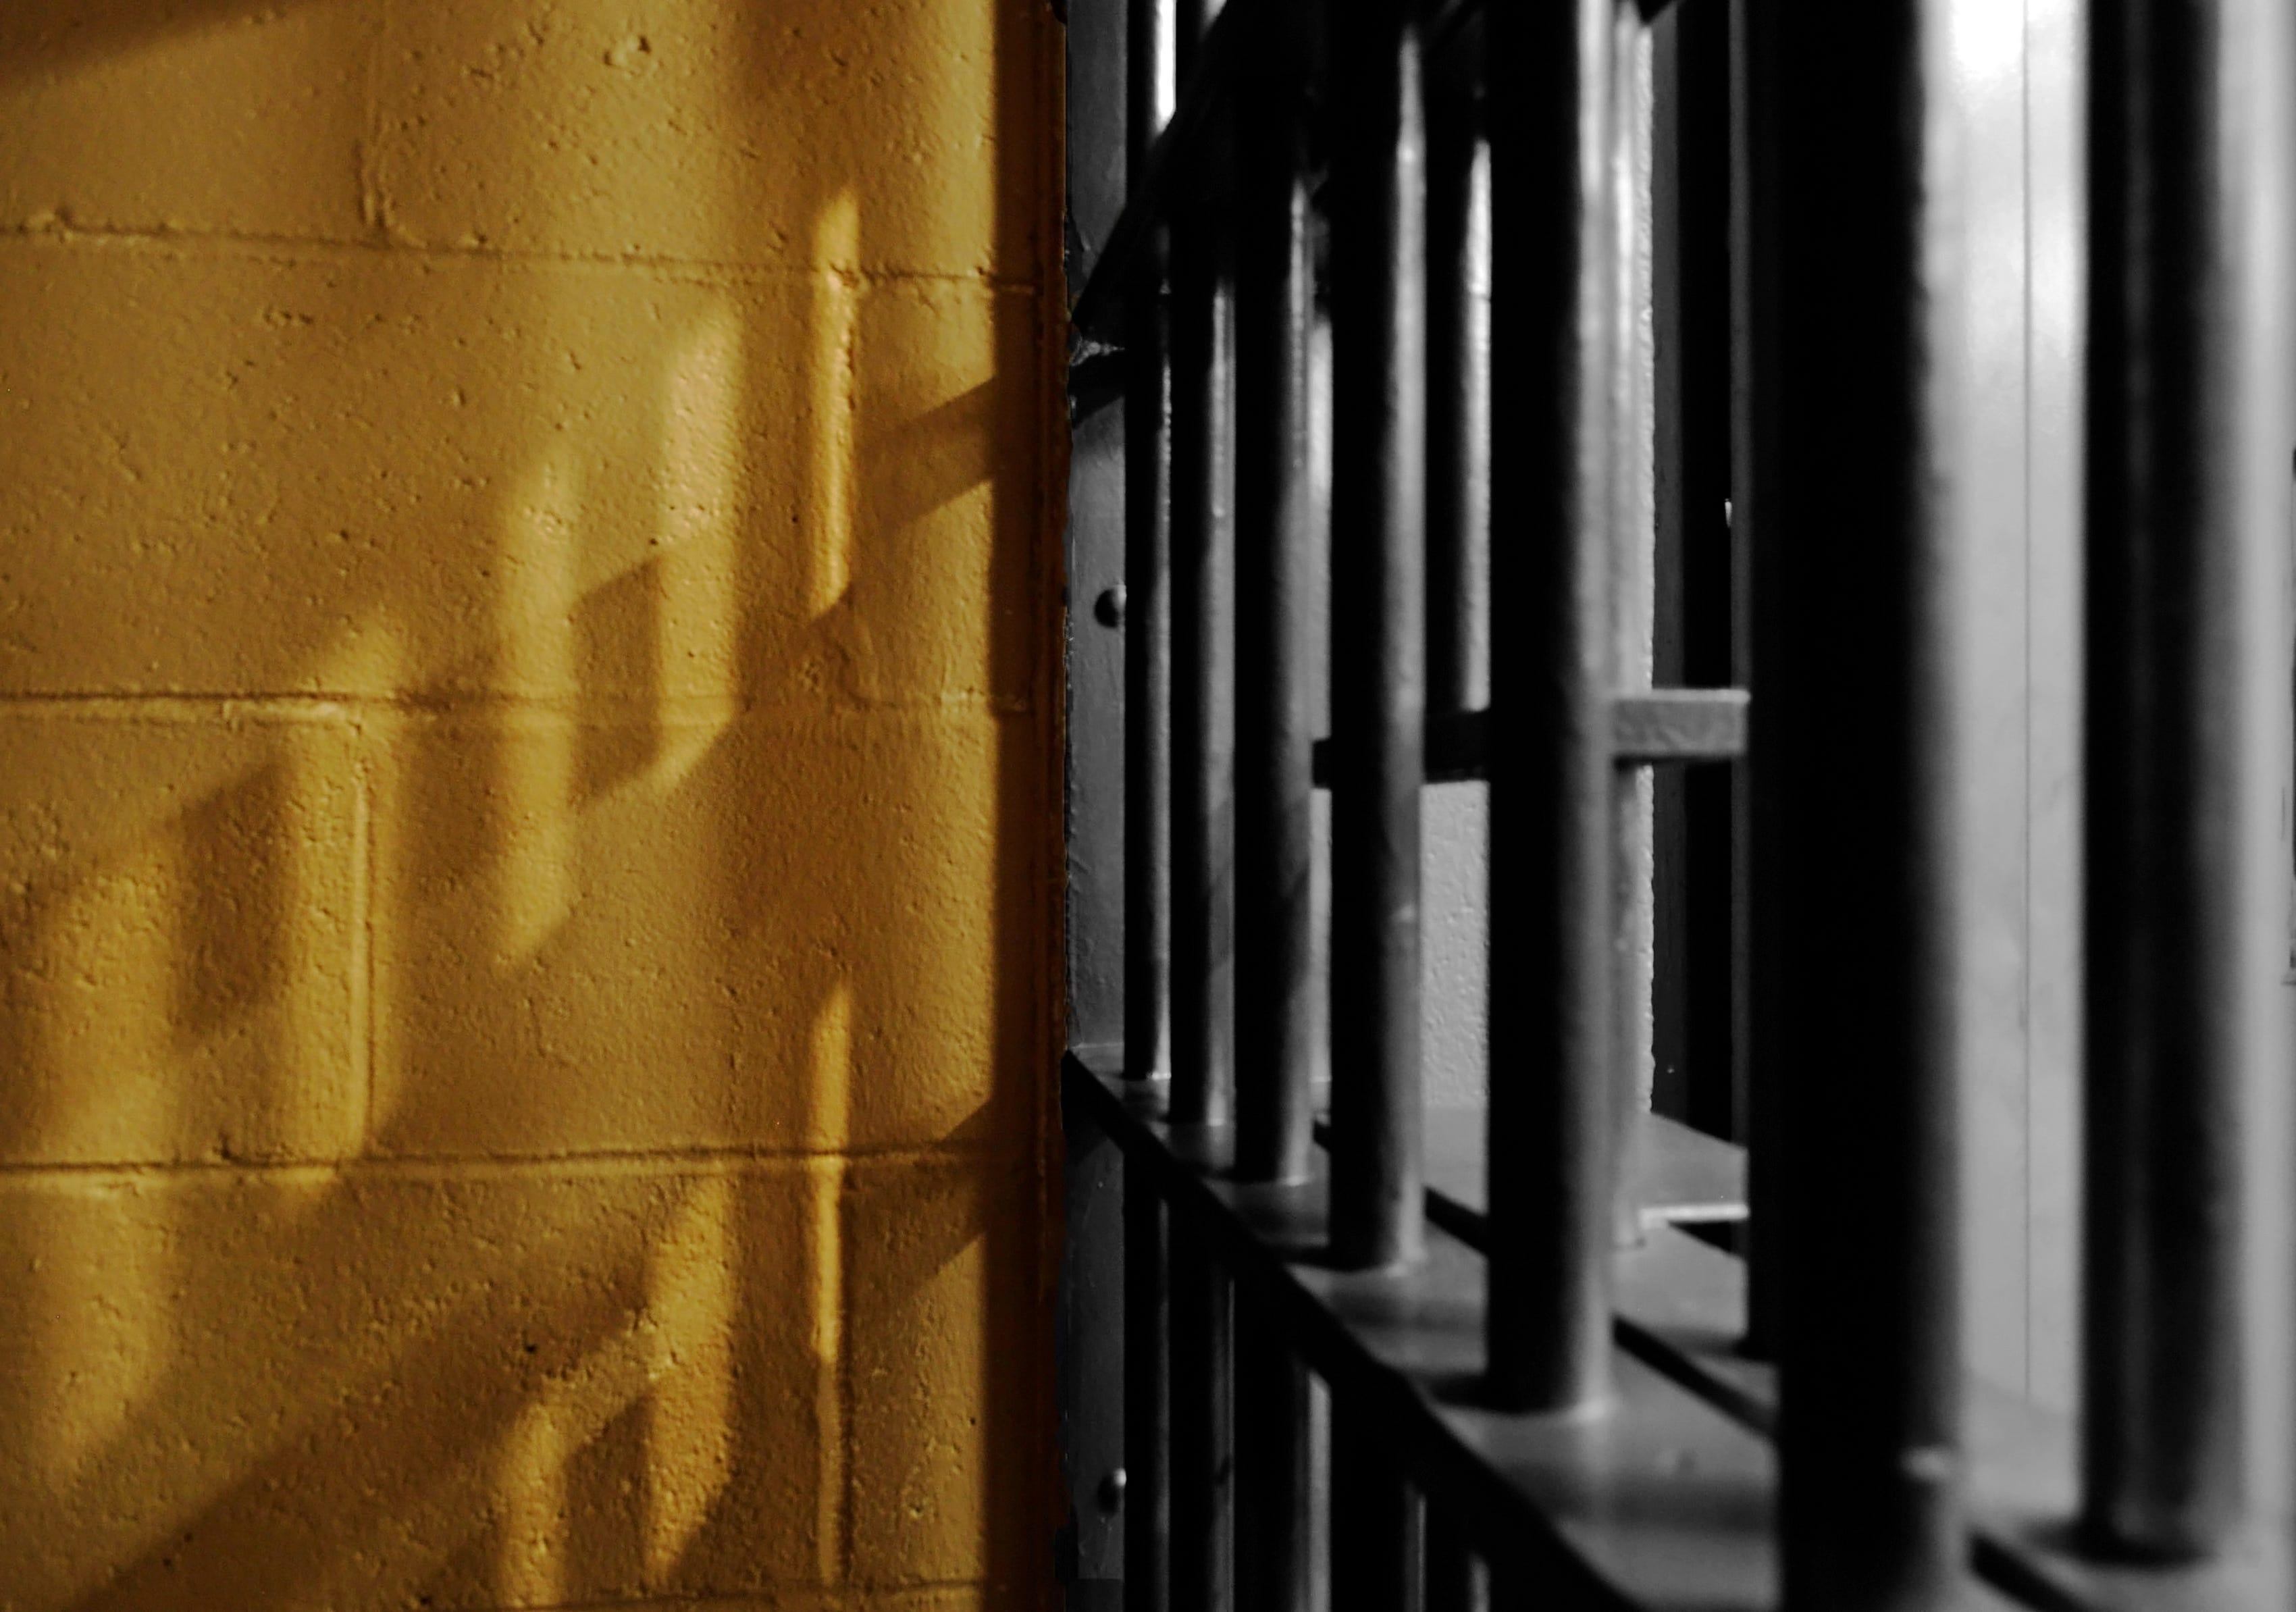 Fingerprint match clears man after 36 years in prison following rape case